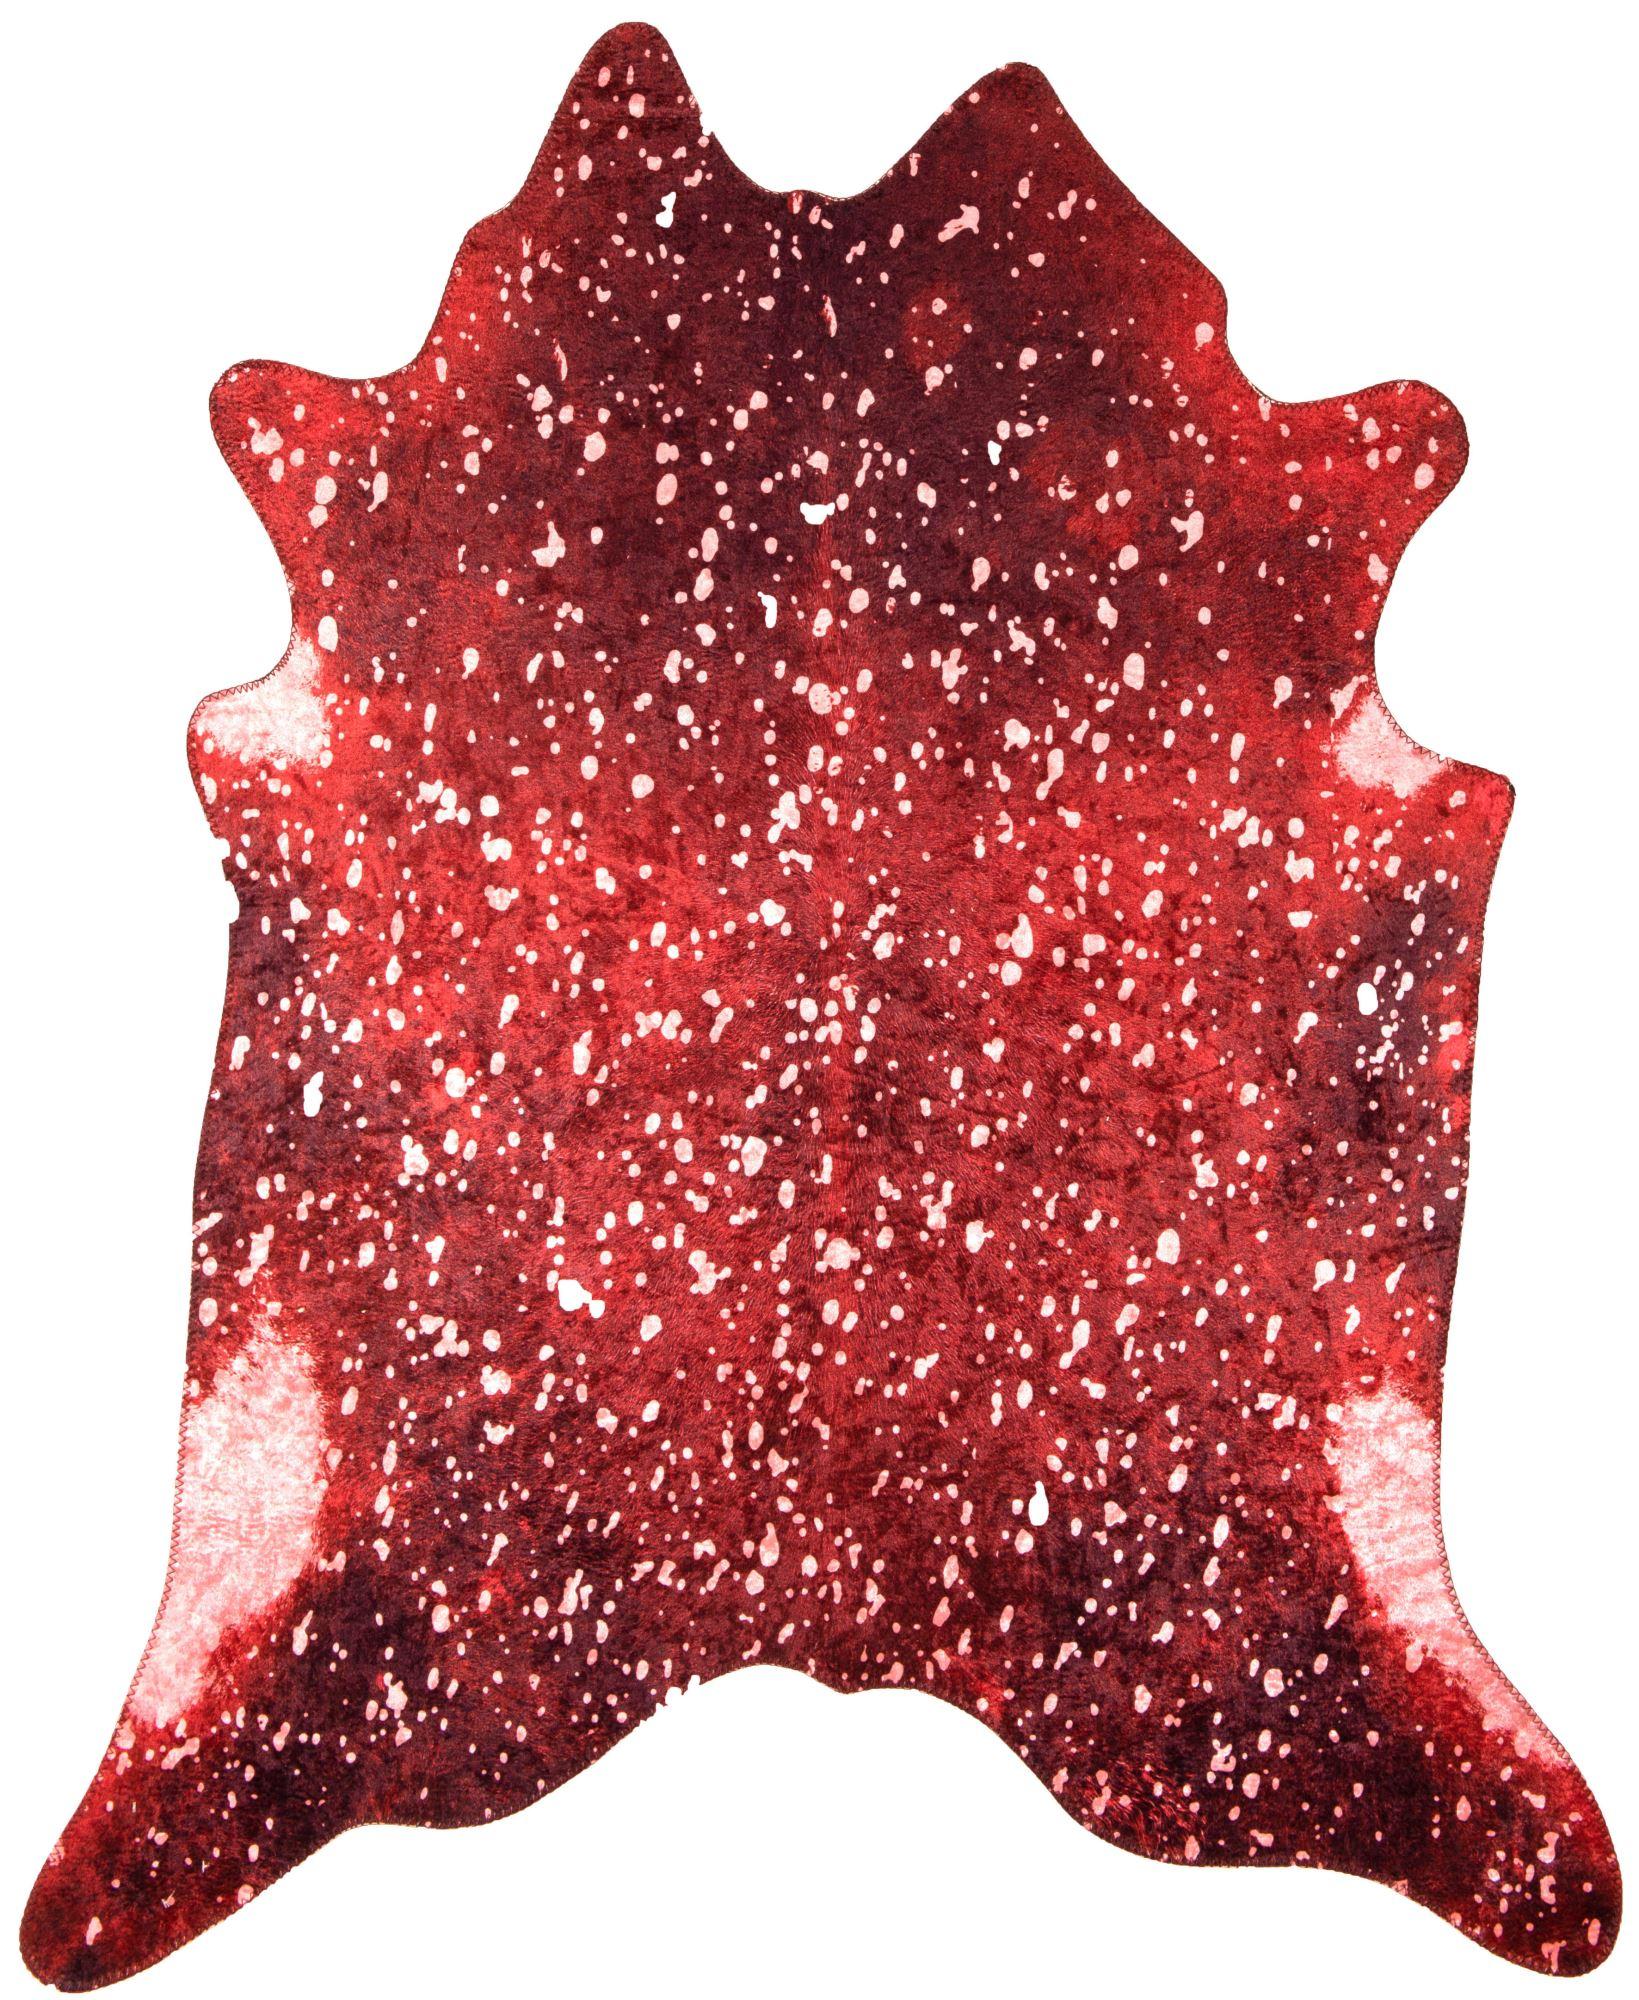 Tapis en peau de vache artificielle coloré rouge 150x190